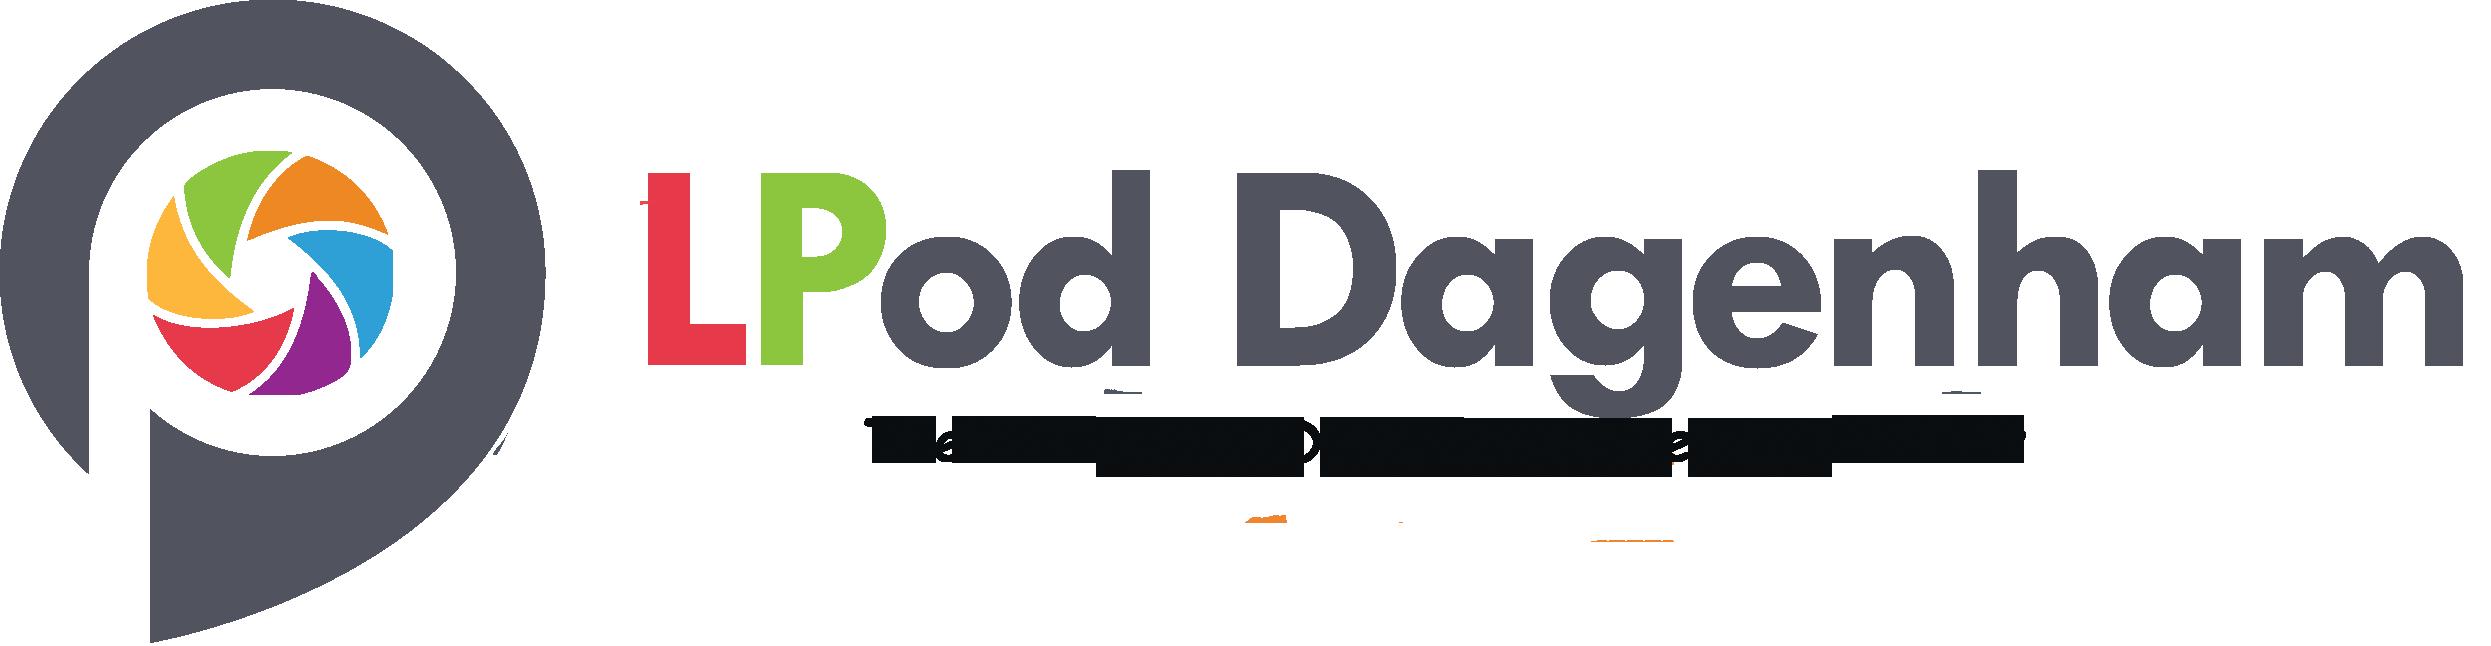 intensive driving courses dagenham, driving lessons dagenham